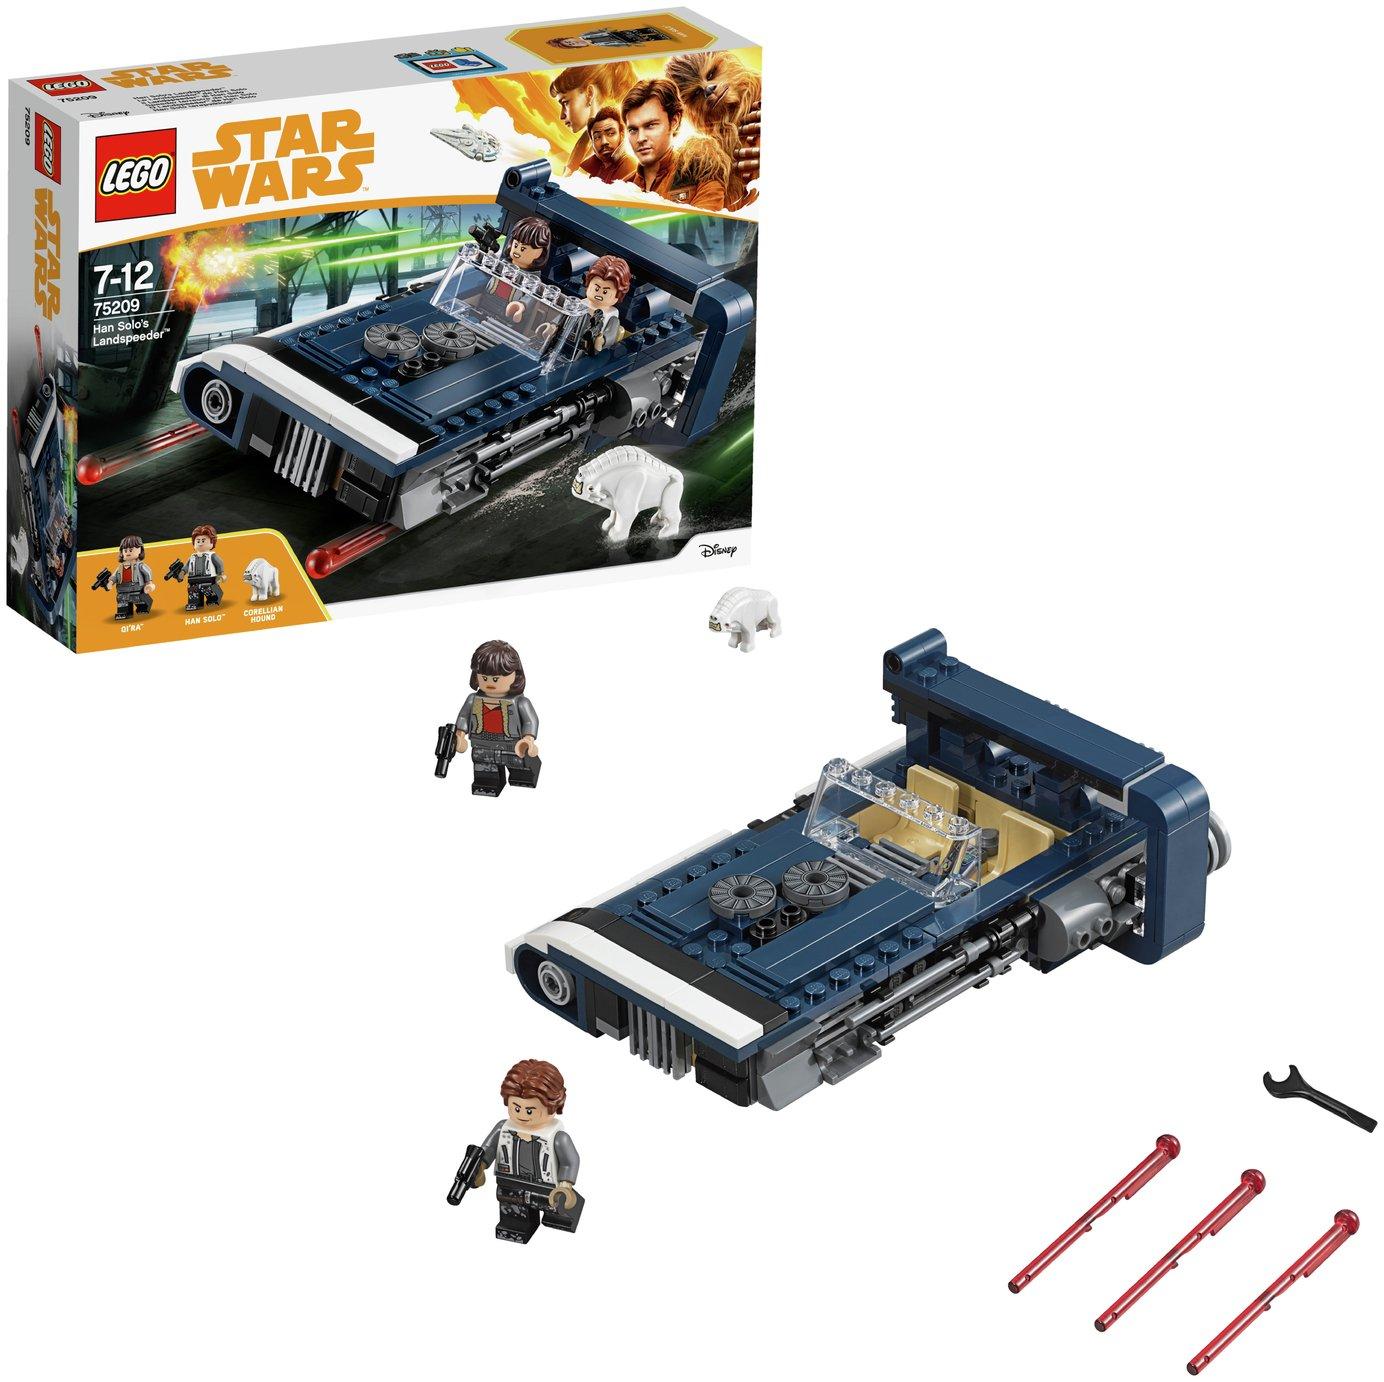 LEGO Star Wars Han Solo's Landspeeder Toy Playset - 75209